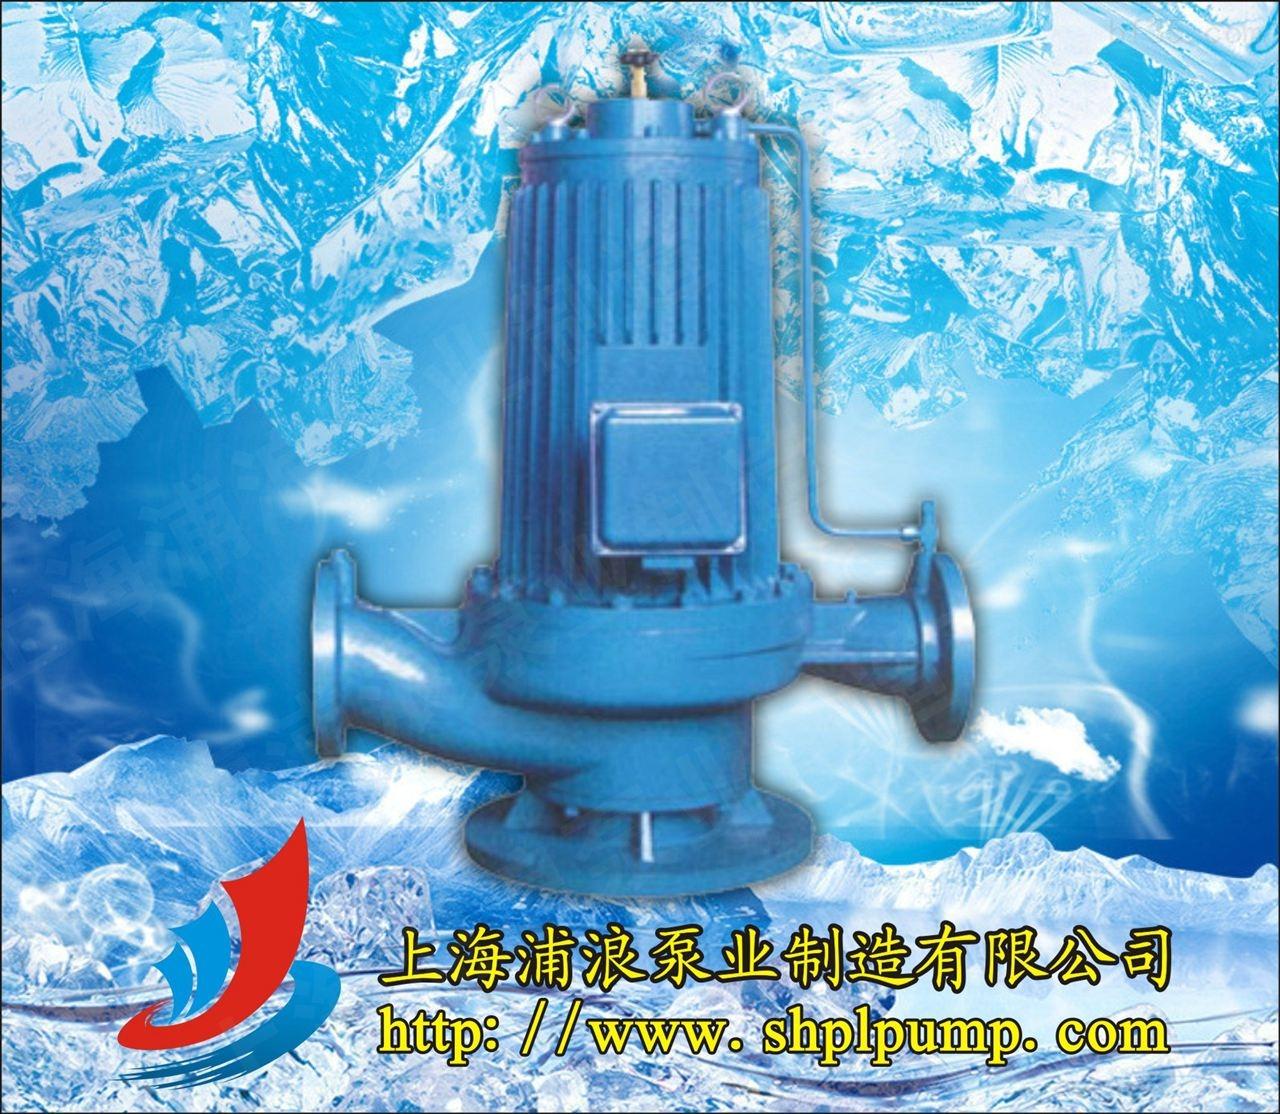 离心泵,SPG屏蔽泵,屏蔽泵价格,屏蔽泵参数,屏蔽泵原理